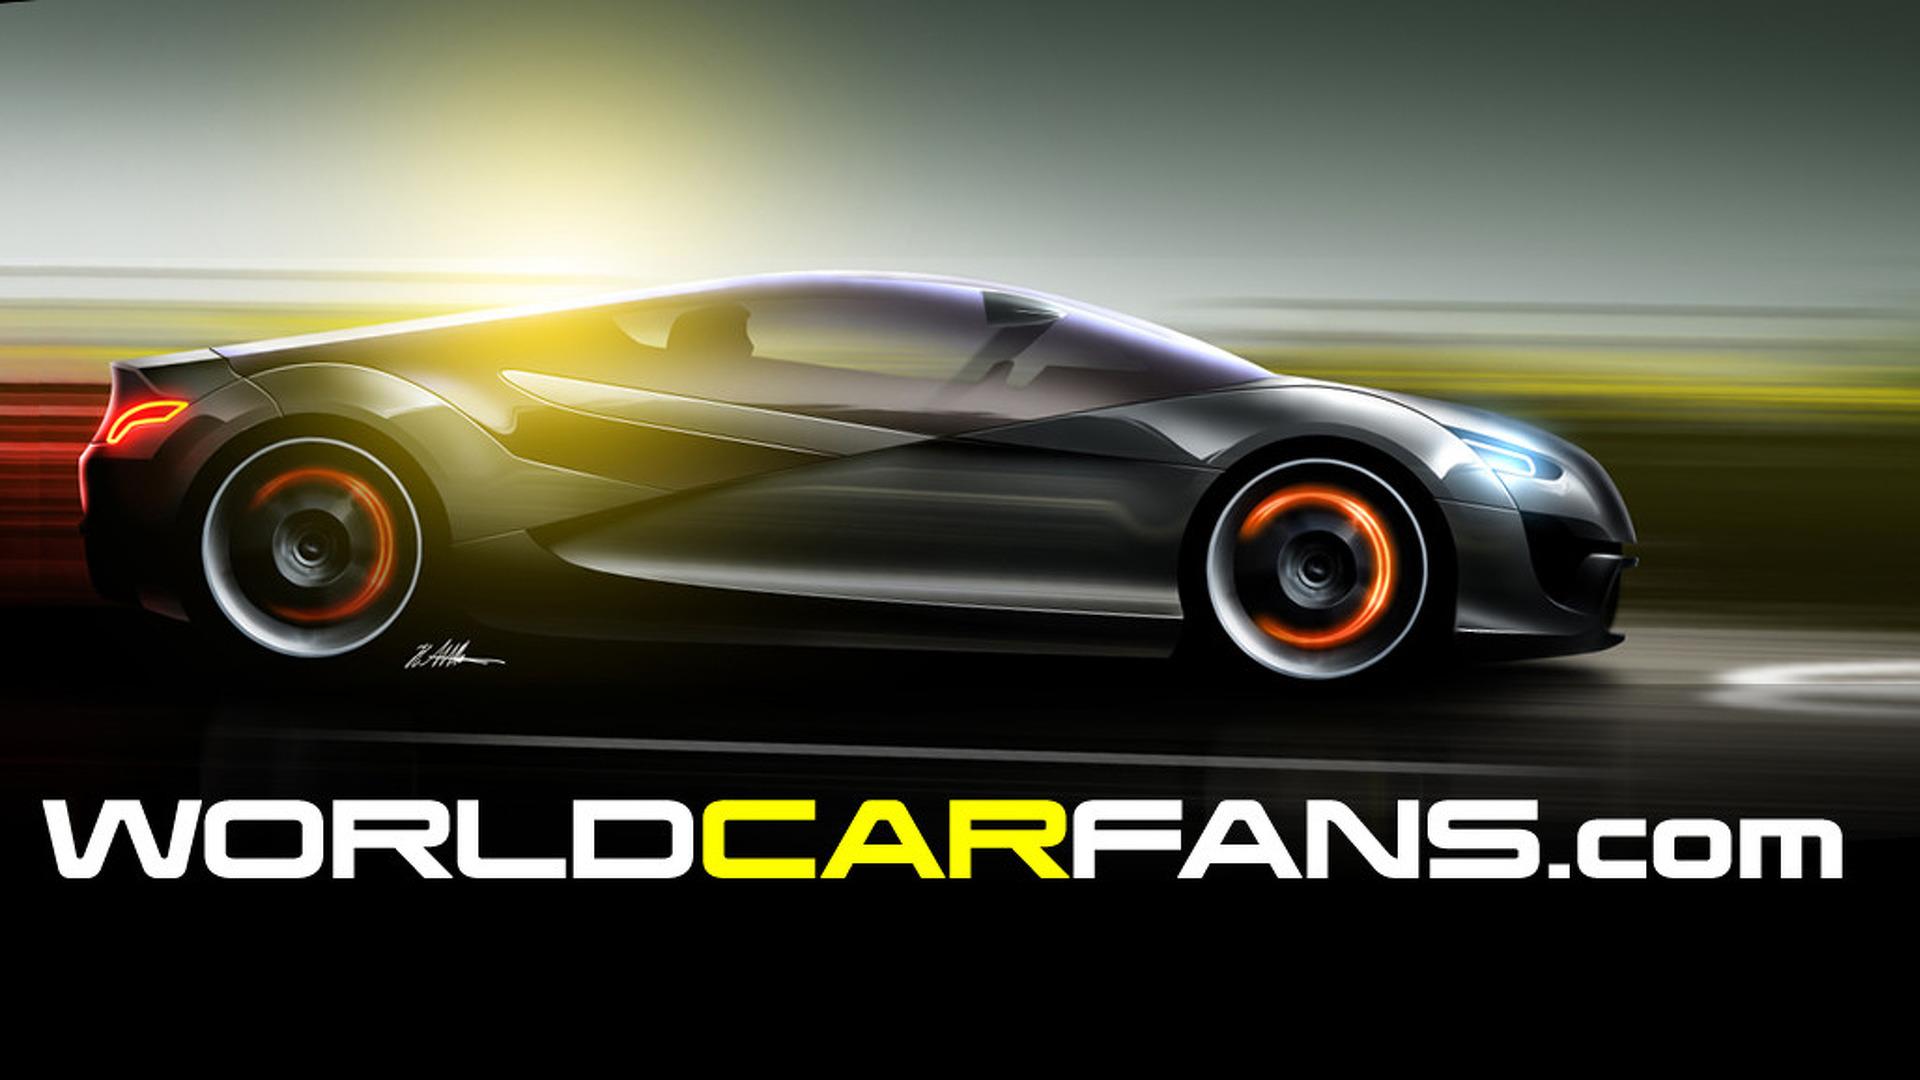 Farewell WorldCarFans.com